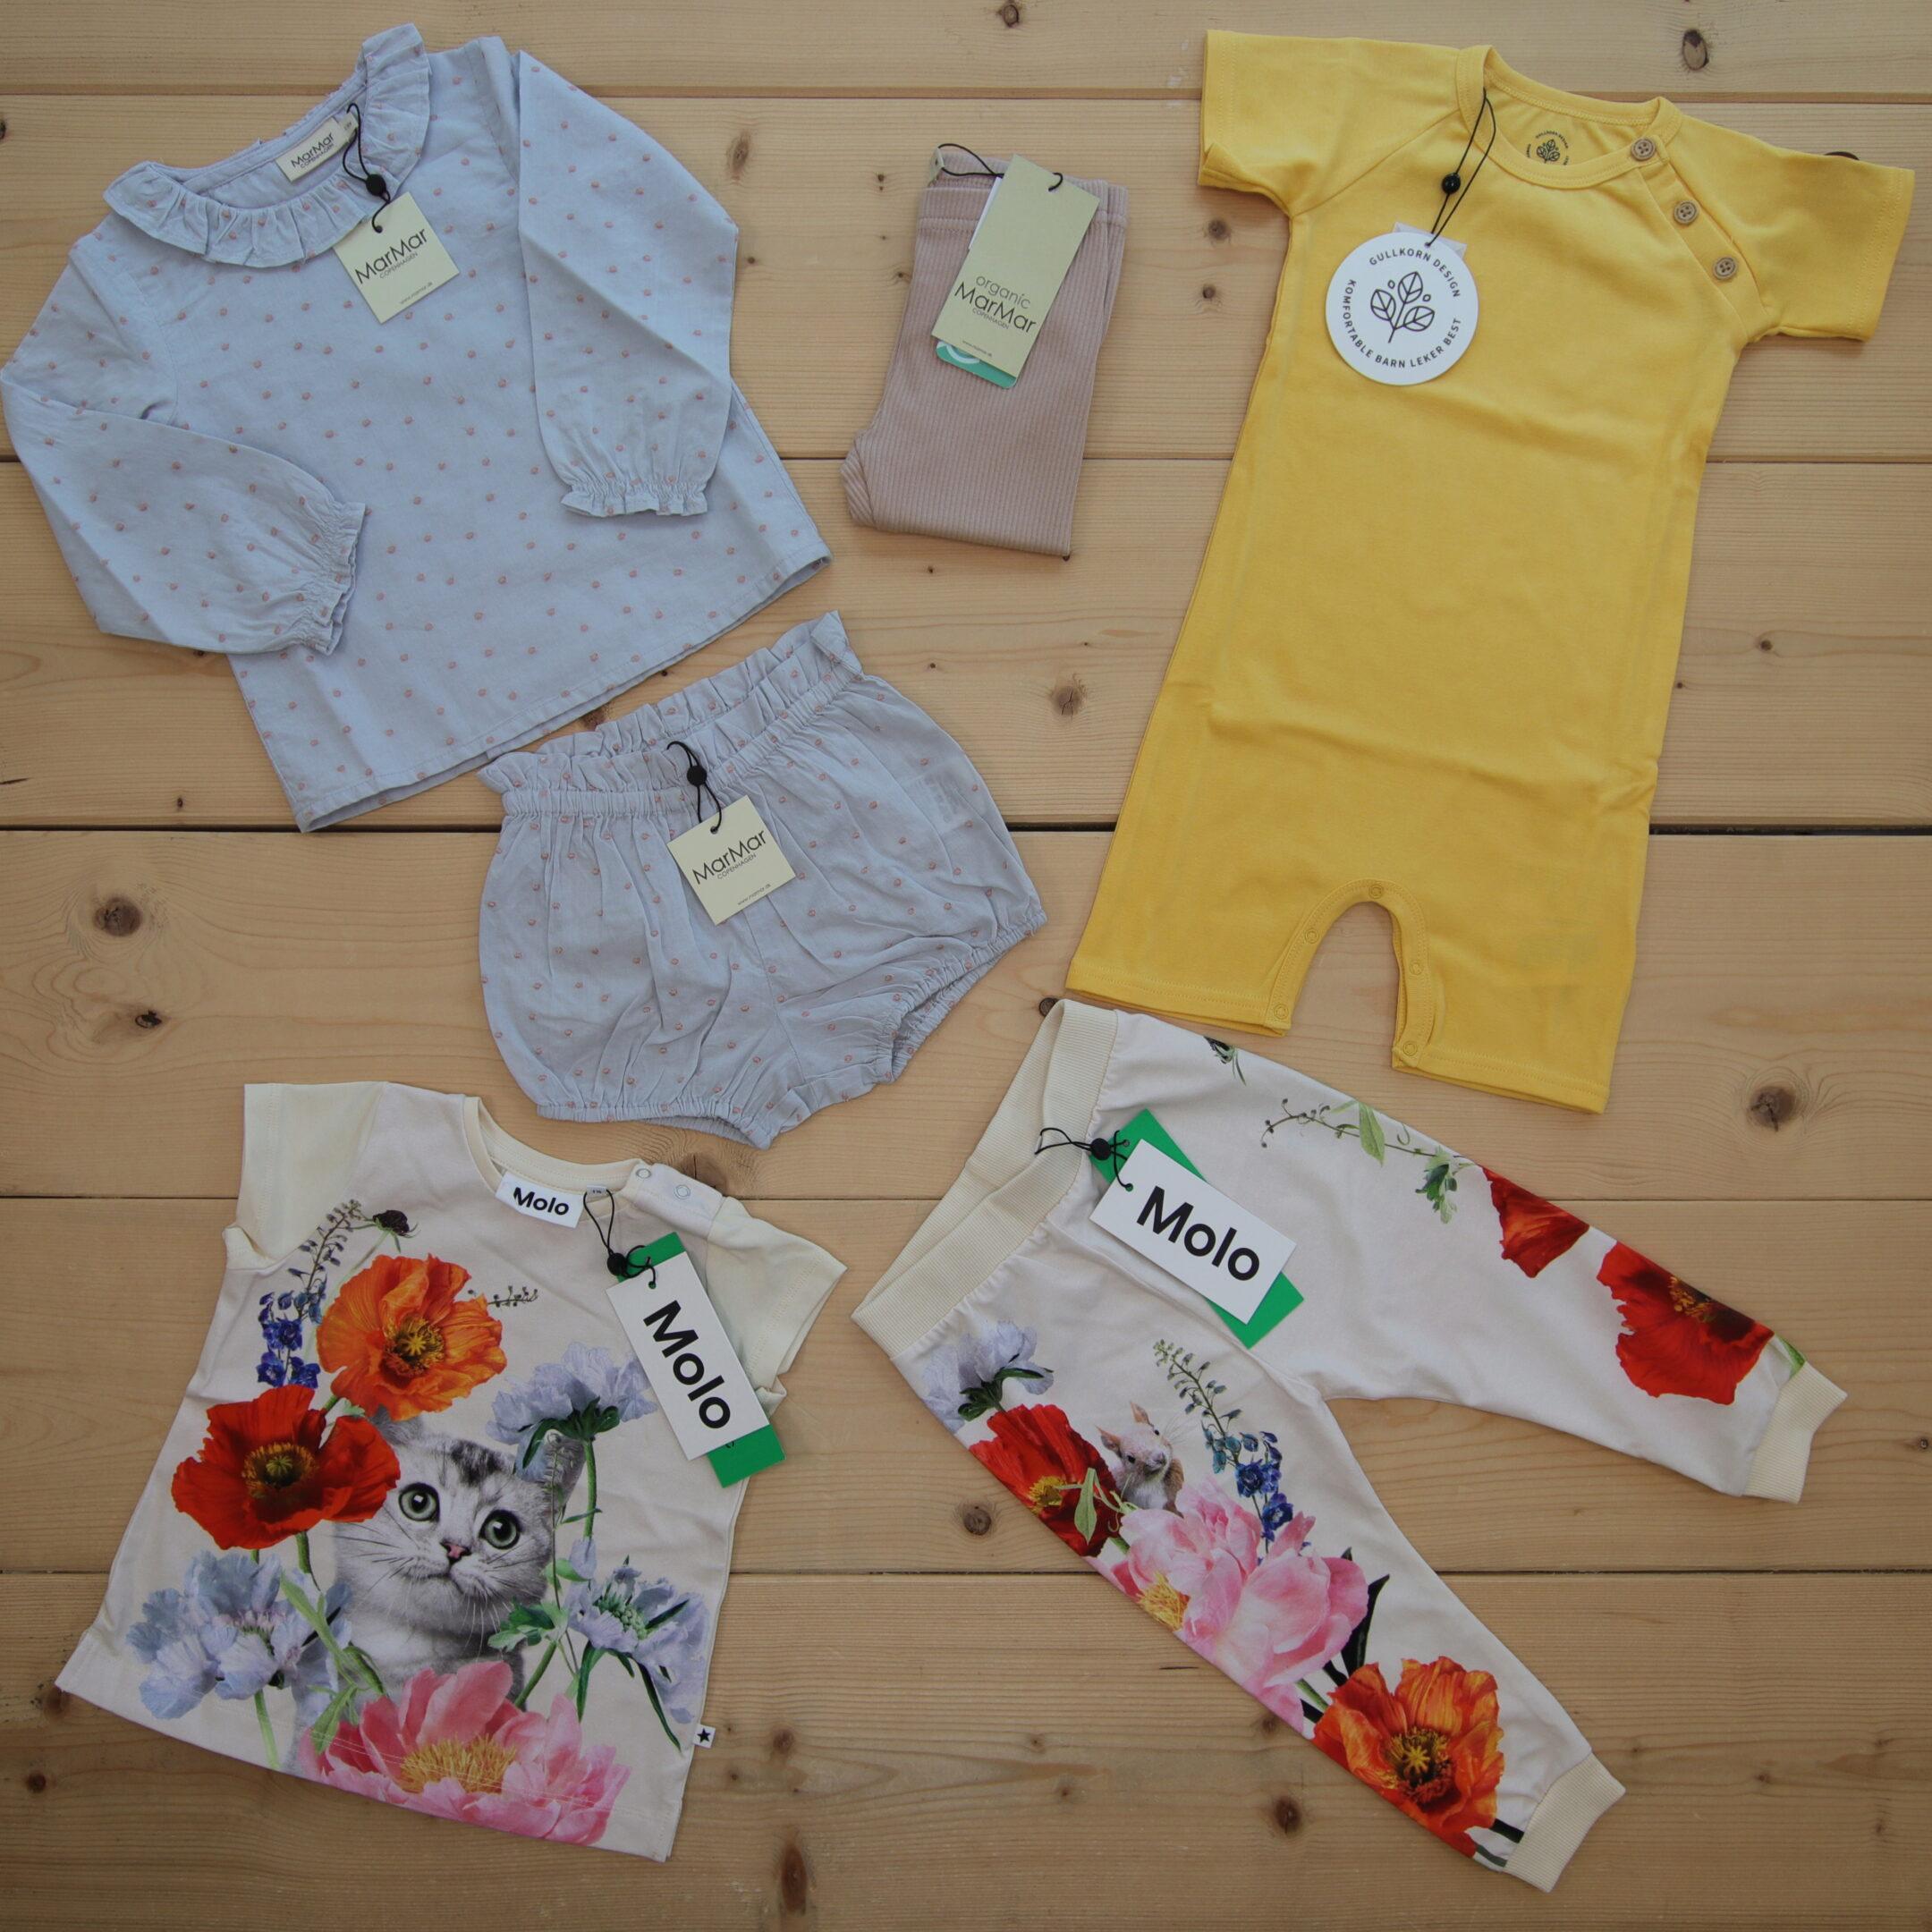 Dette er Småpakke som vi forberedte for en jente i stilene colorful og cute